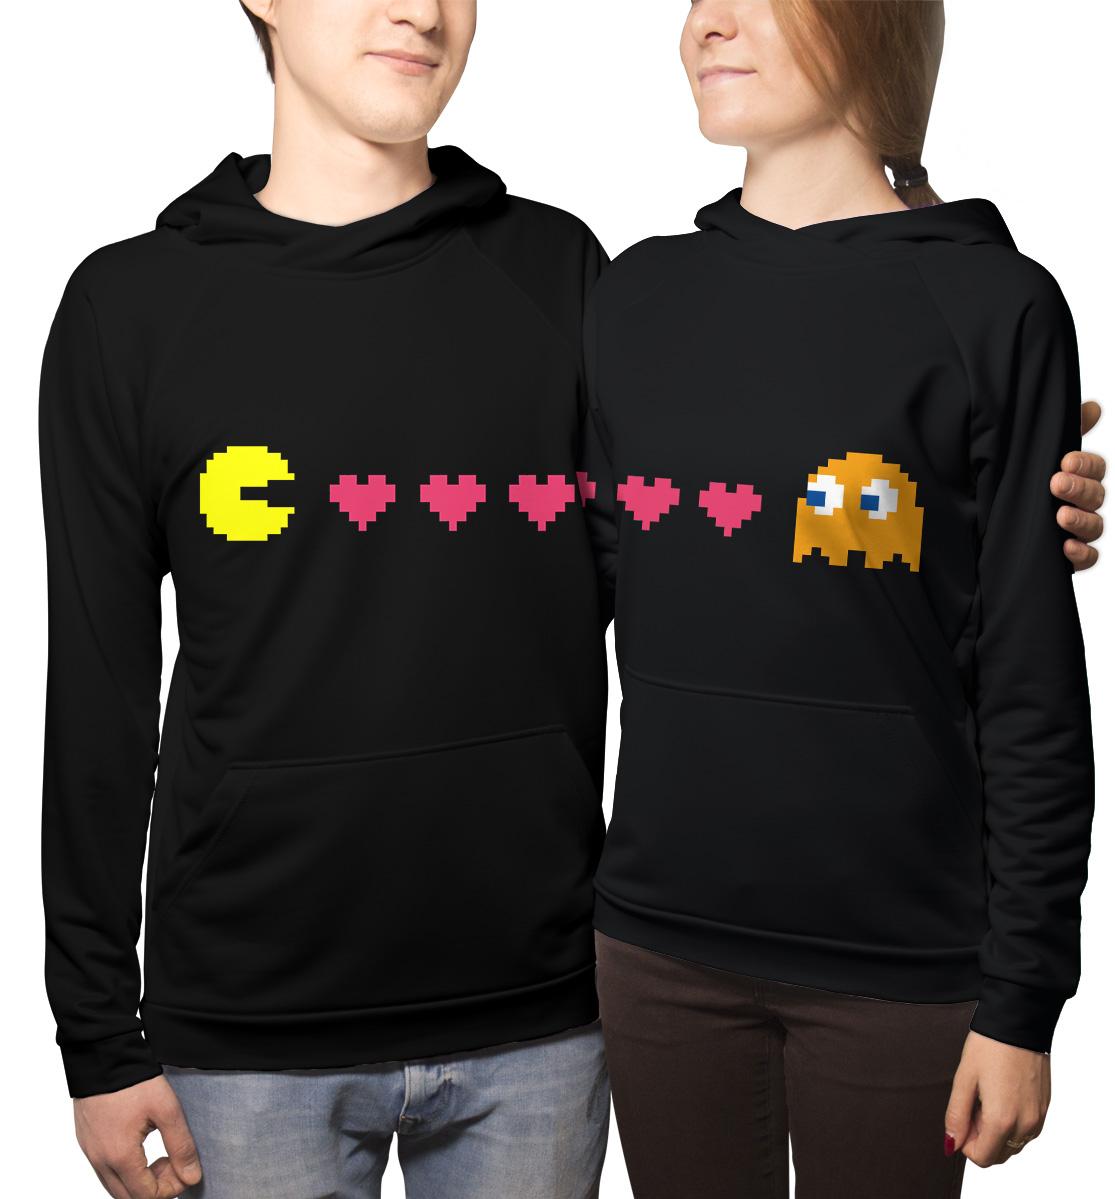 Фото - Комплект худи «Pac-Man» установочный комплект incar pac 408 мультиколор